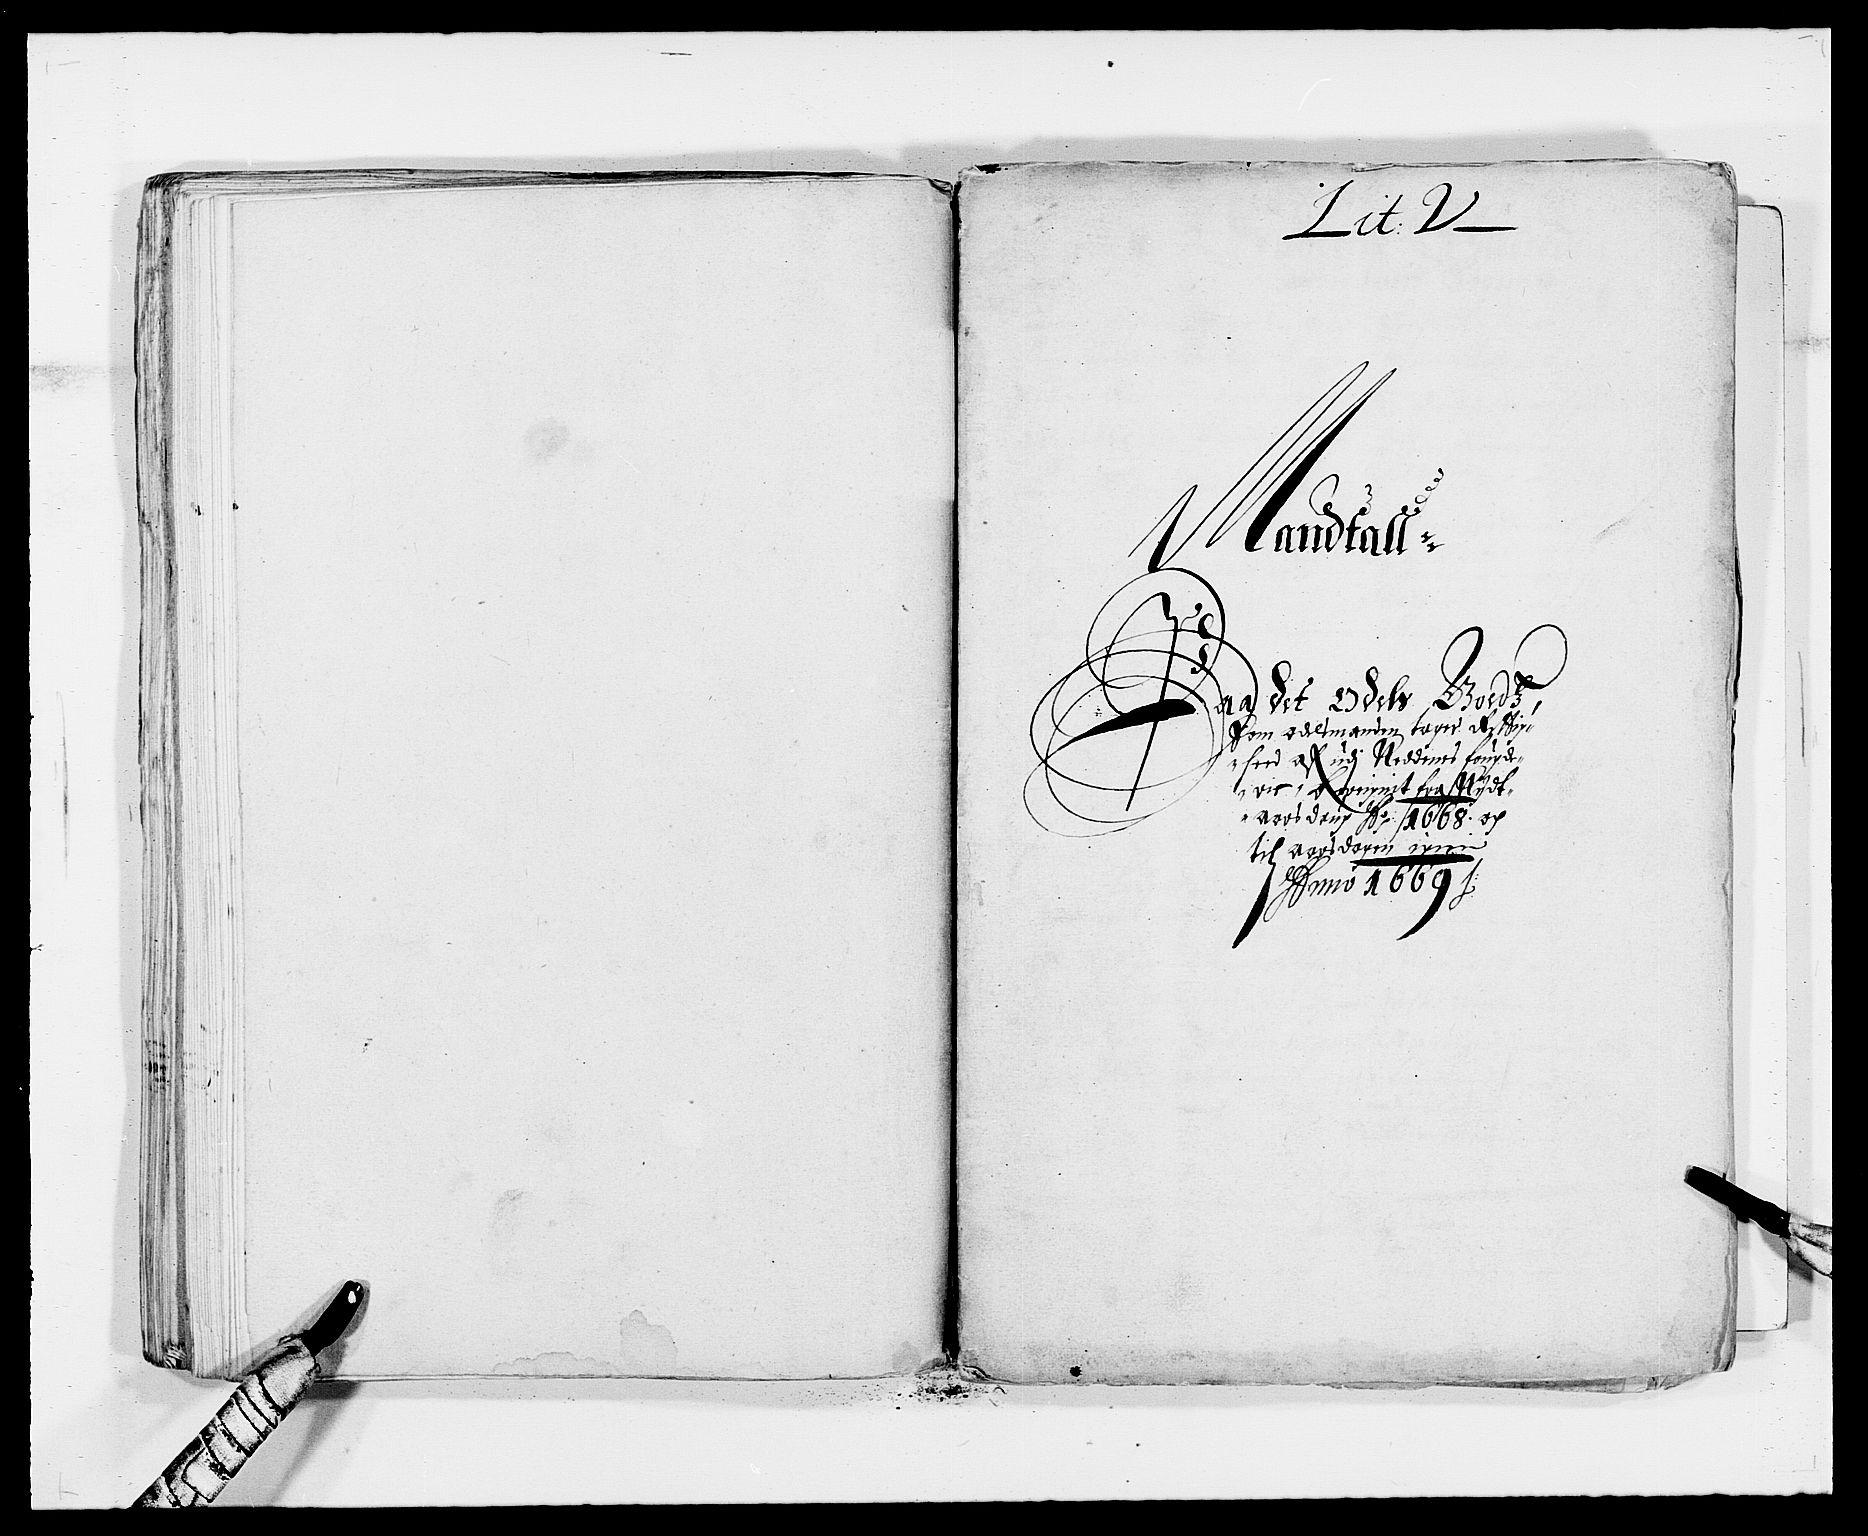 RA, Rentekammeret inntil 1814, Reviderte regnskaper, Fogderegnskap, R39/L2297: Fogderegnskap Nedenes, 1667-1669, s. 277